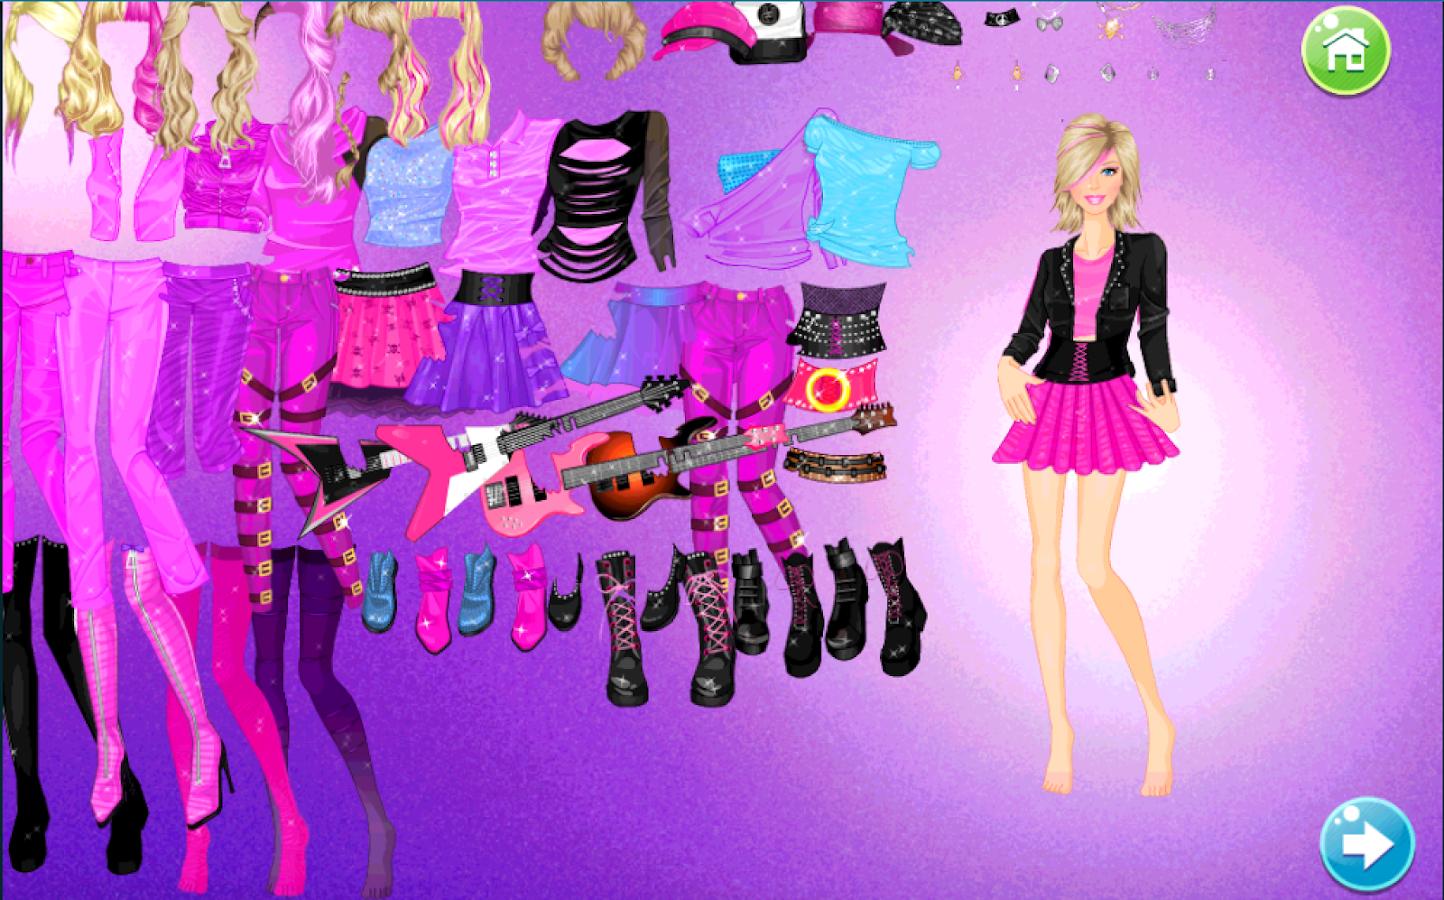 Dress up of princess - Rock Princess Dress Up Screenshot